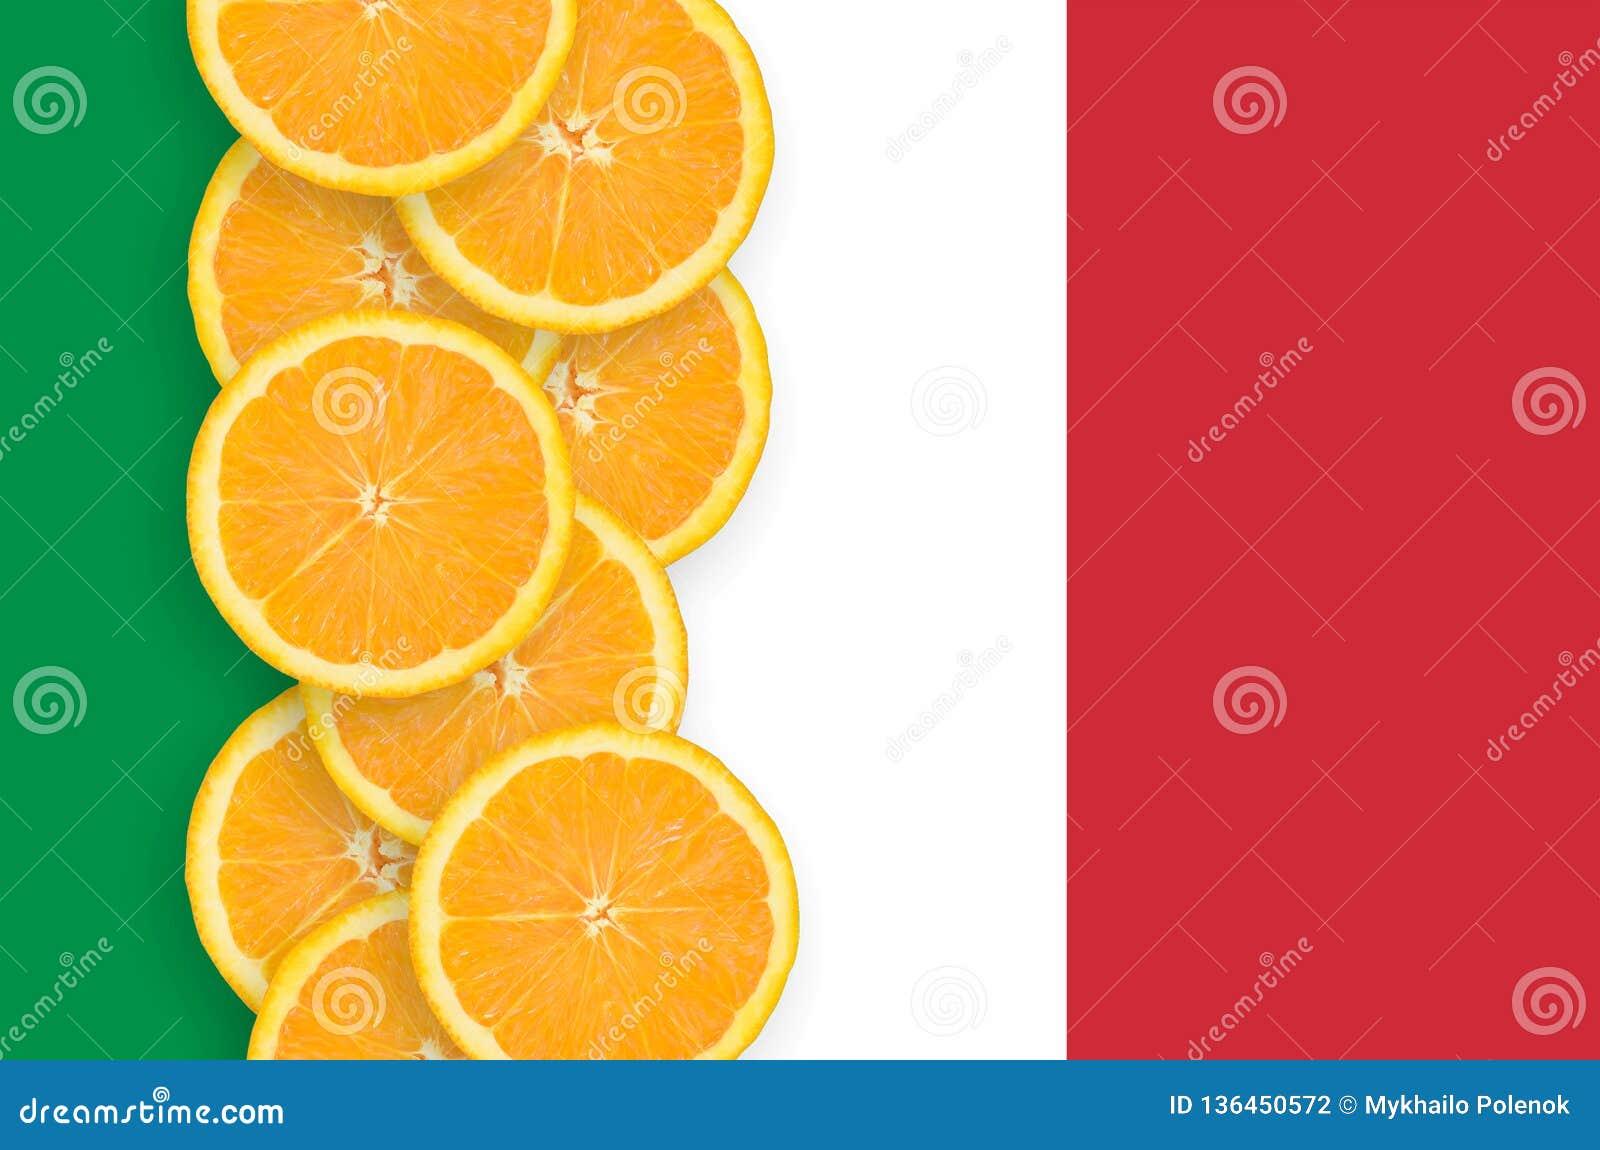 Κάθετη σειρά φετών σημαιών της Ιταλίας και εσπεριδοειδούς